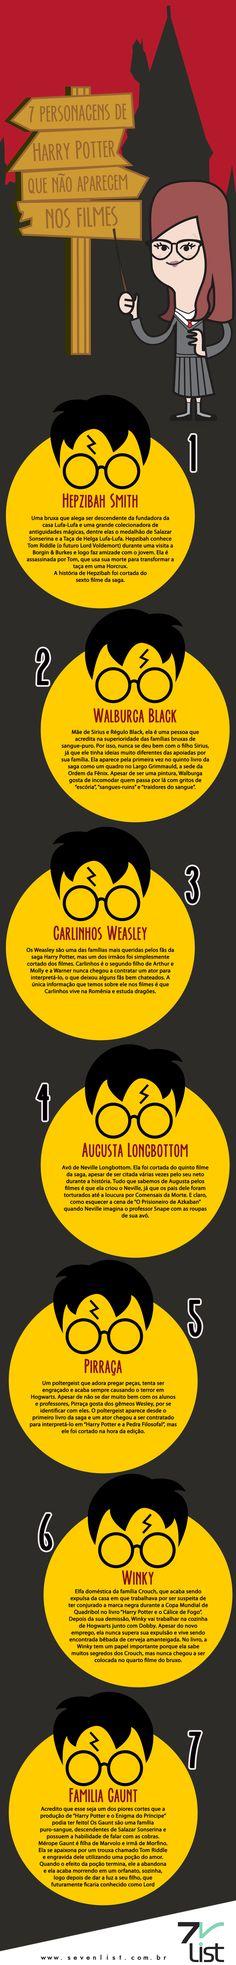 Personagens de Harry Potter que não aparecem nos filmes.